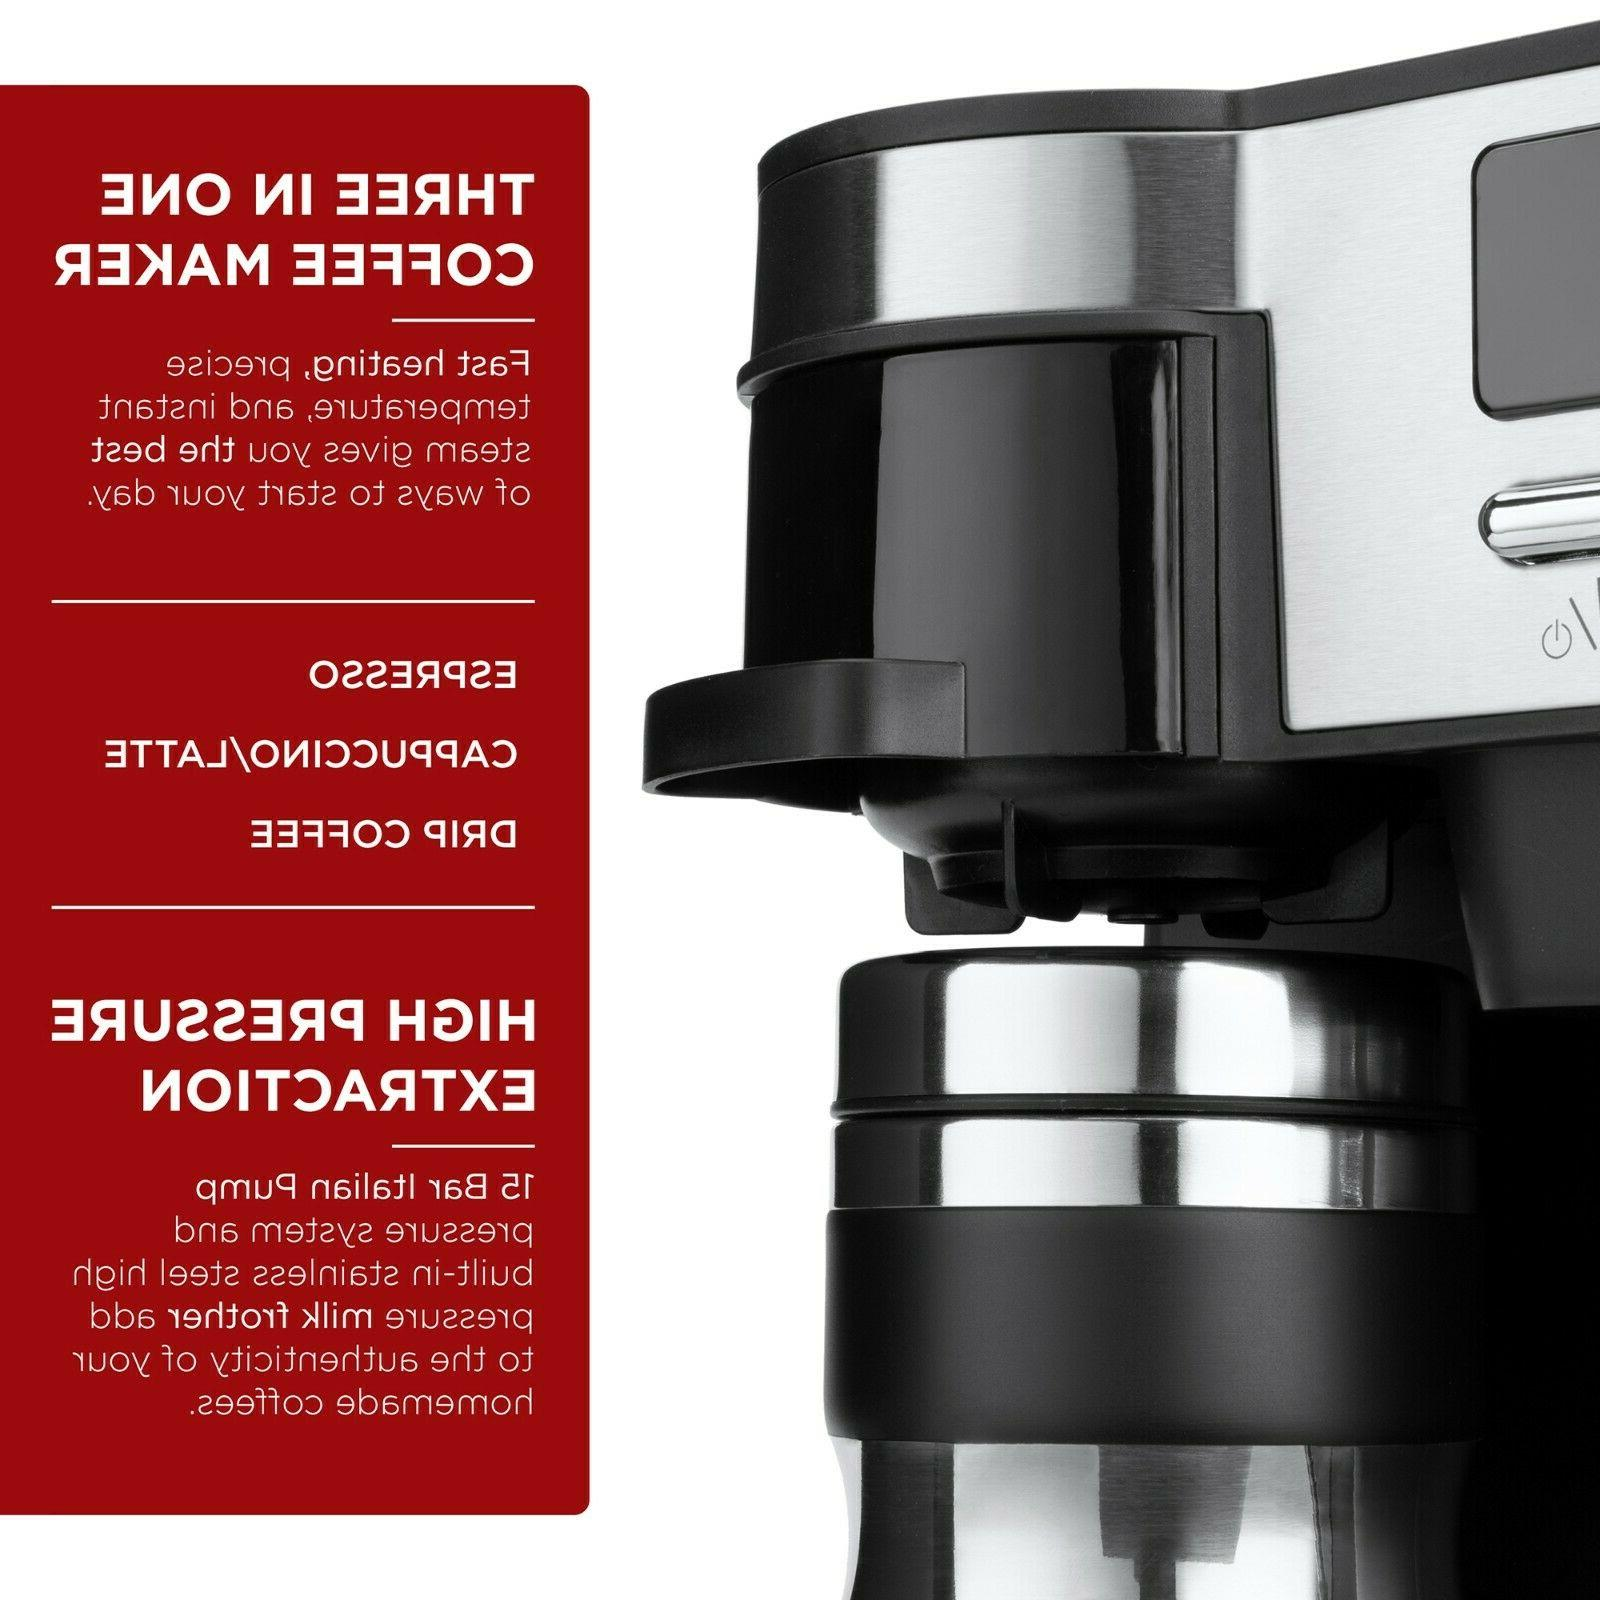 3-in-1 Espresso, and Cappuccino Latte Machine